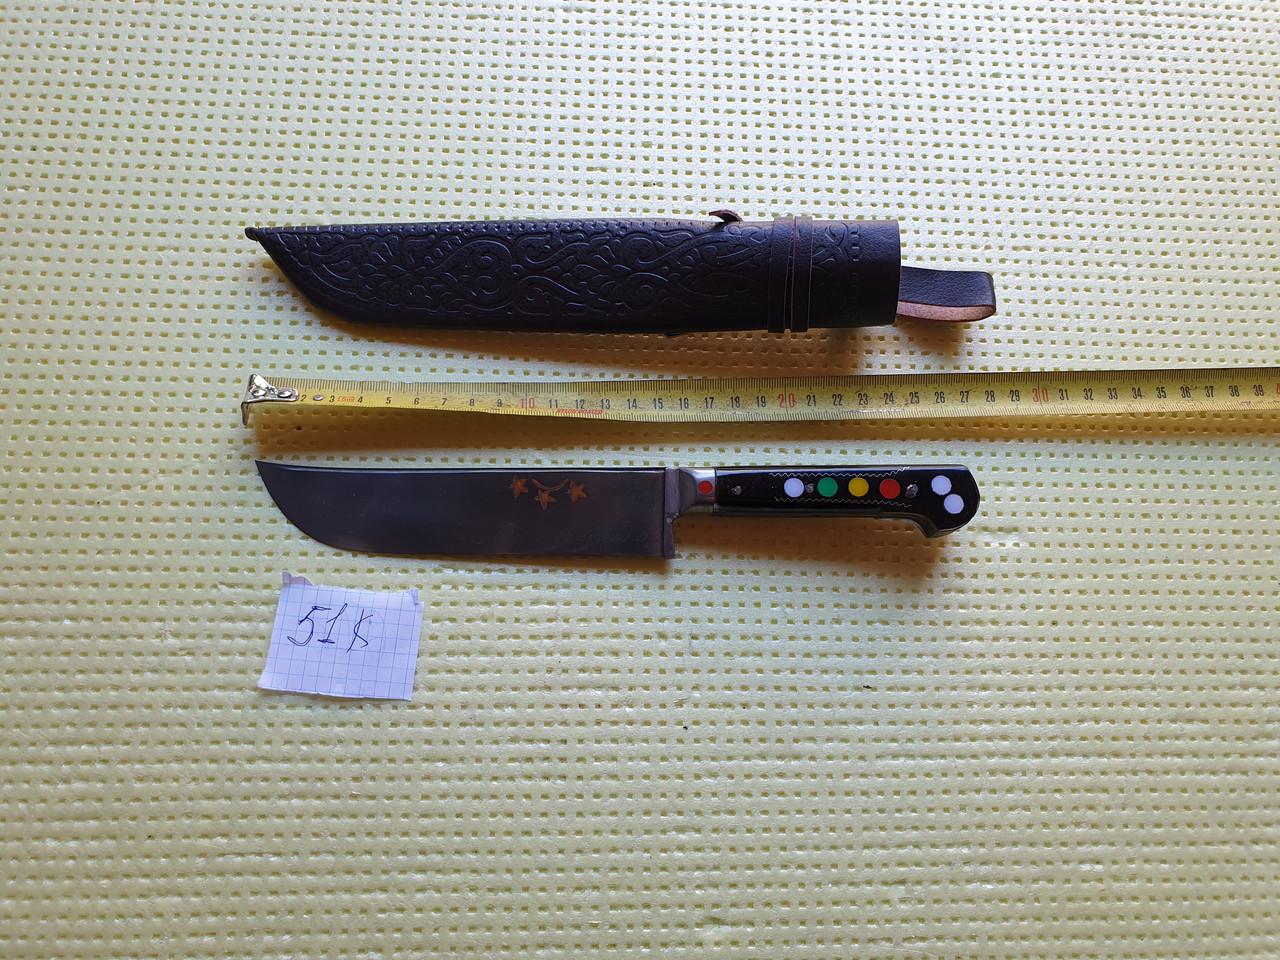 Пчак узбекский. Настоящий узбекский нож из г. Чуст. Сталь  ШХ-15